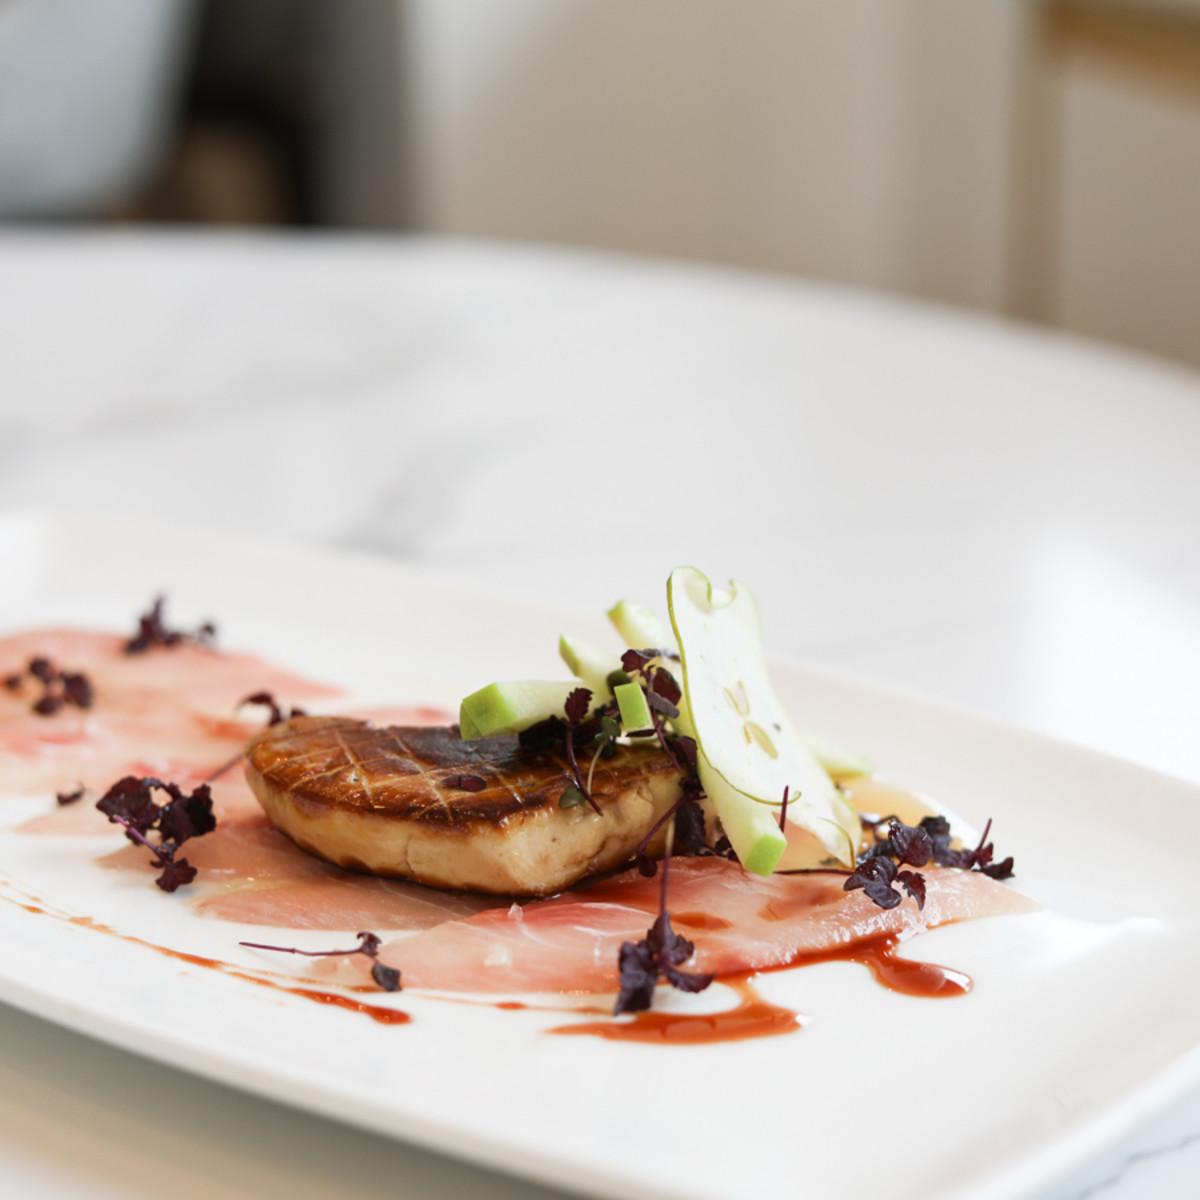 Bisou hamachi foie gras